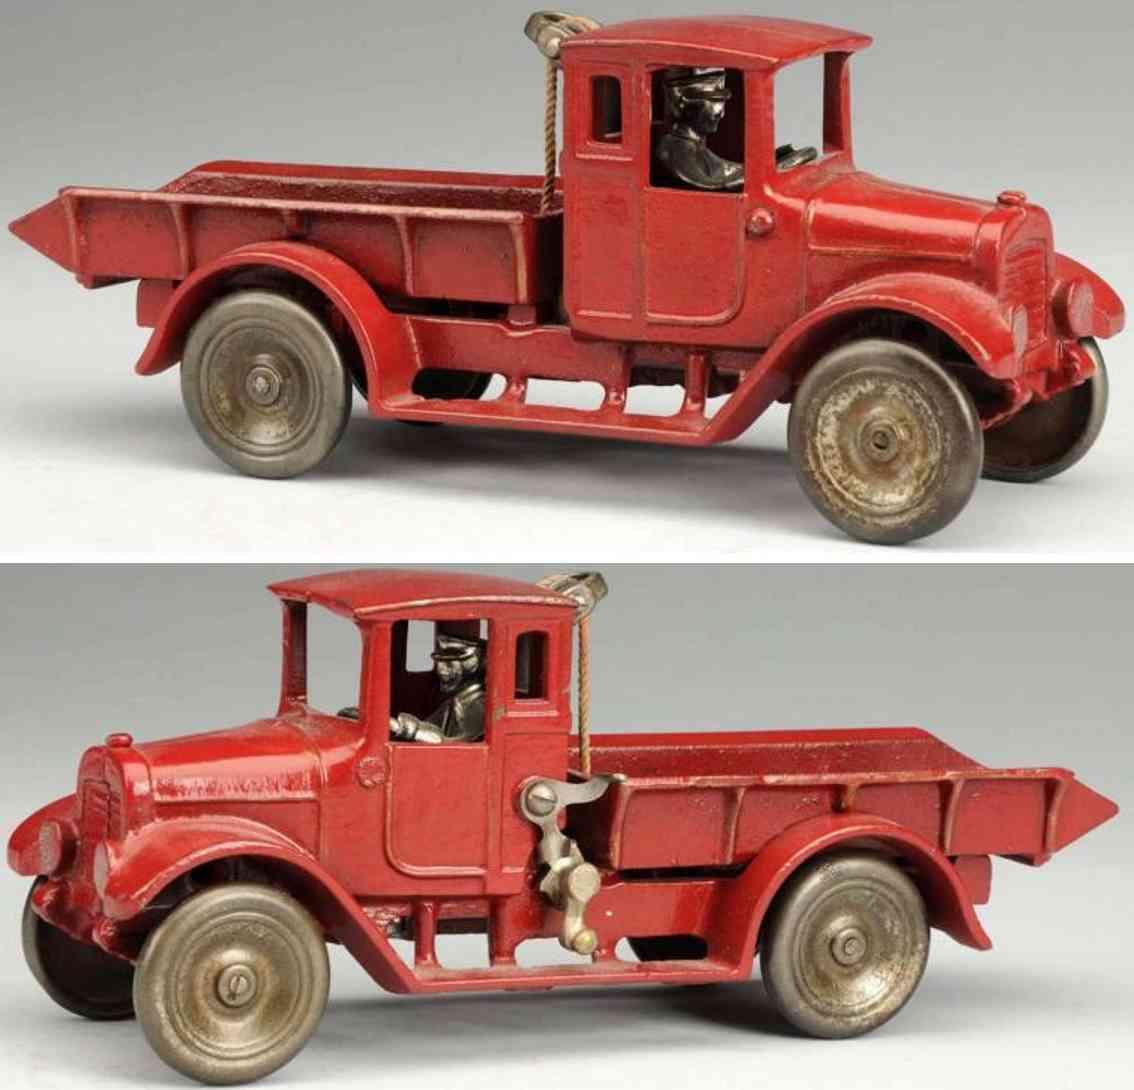 arcade spielzeug gusseisen kipplastwagen rot